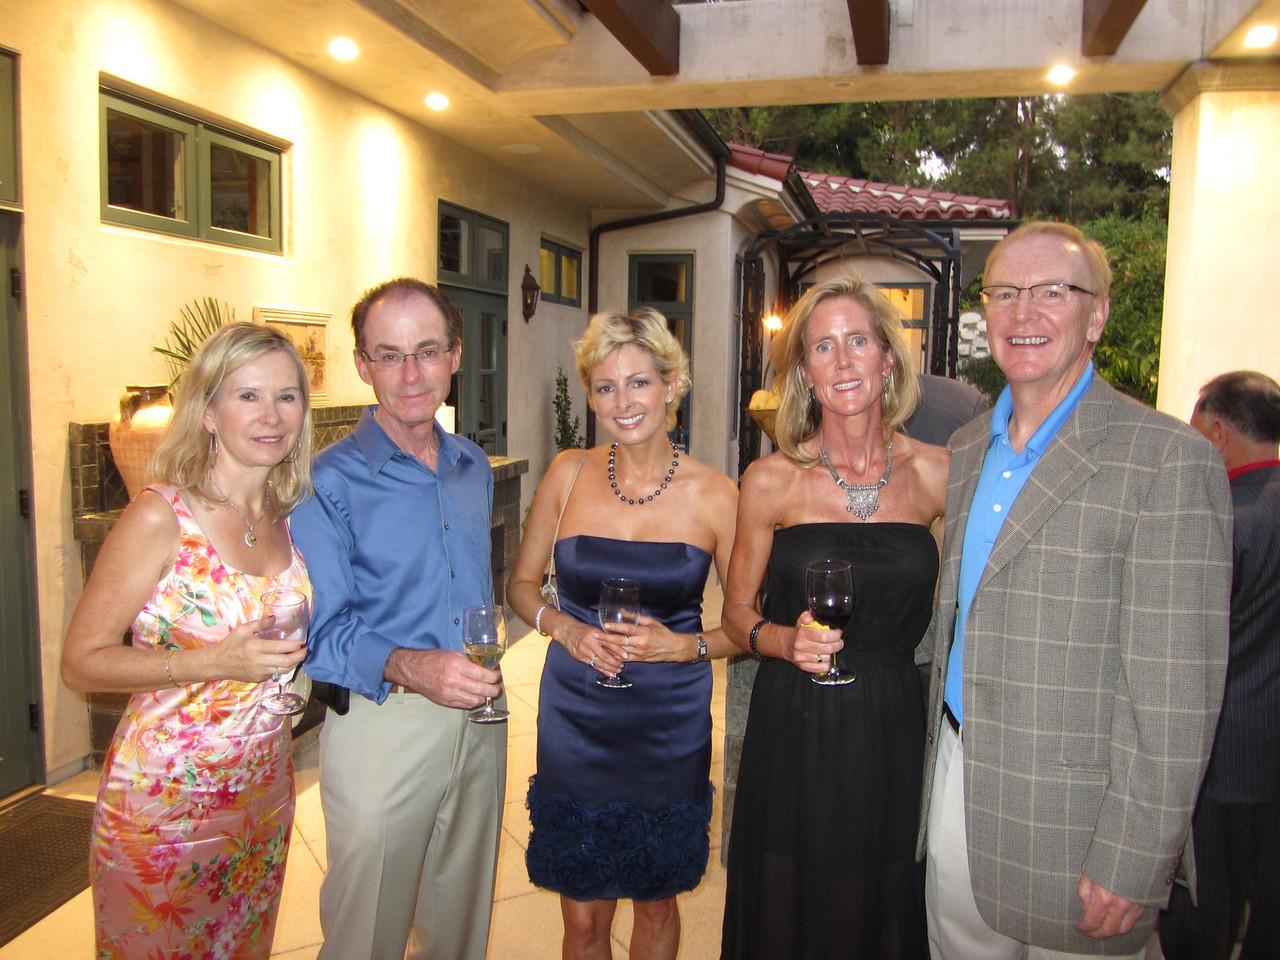 Barbara & Andrew Henrick, Holly Spanggord, Laura & Chuck Keller